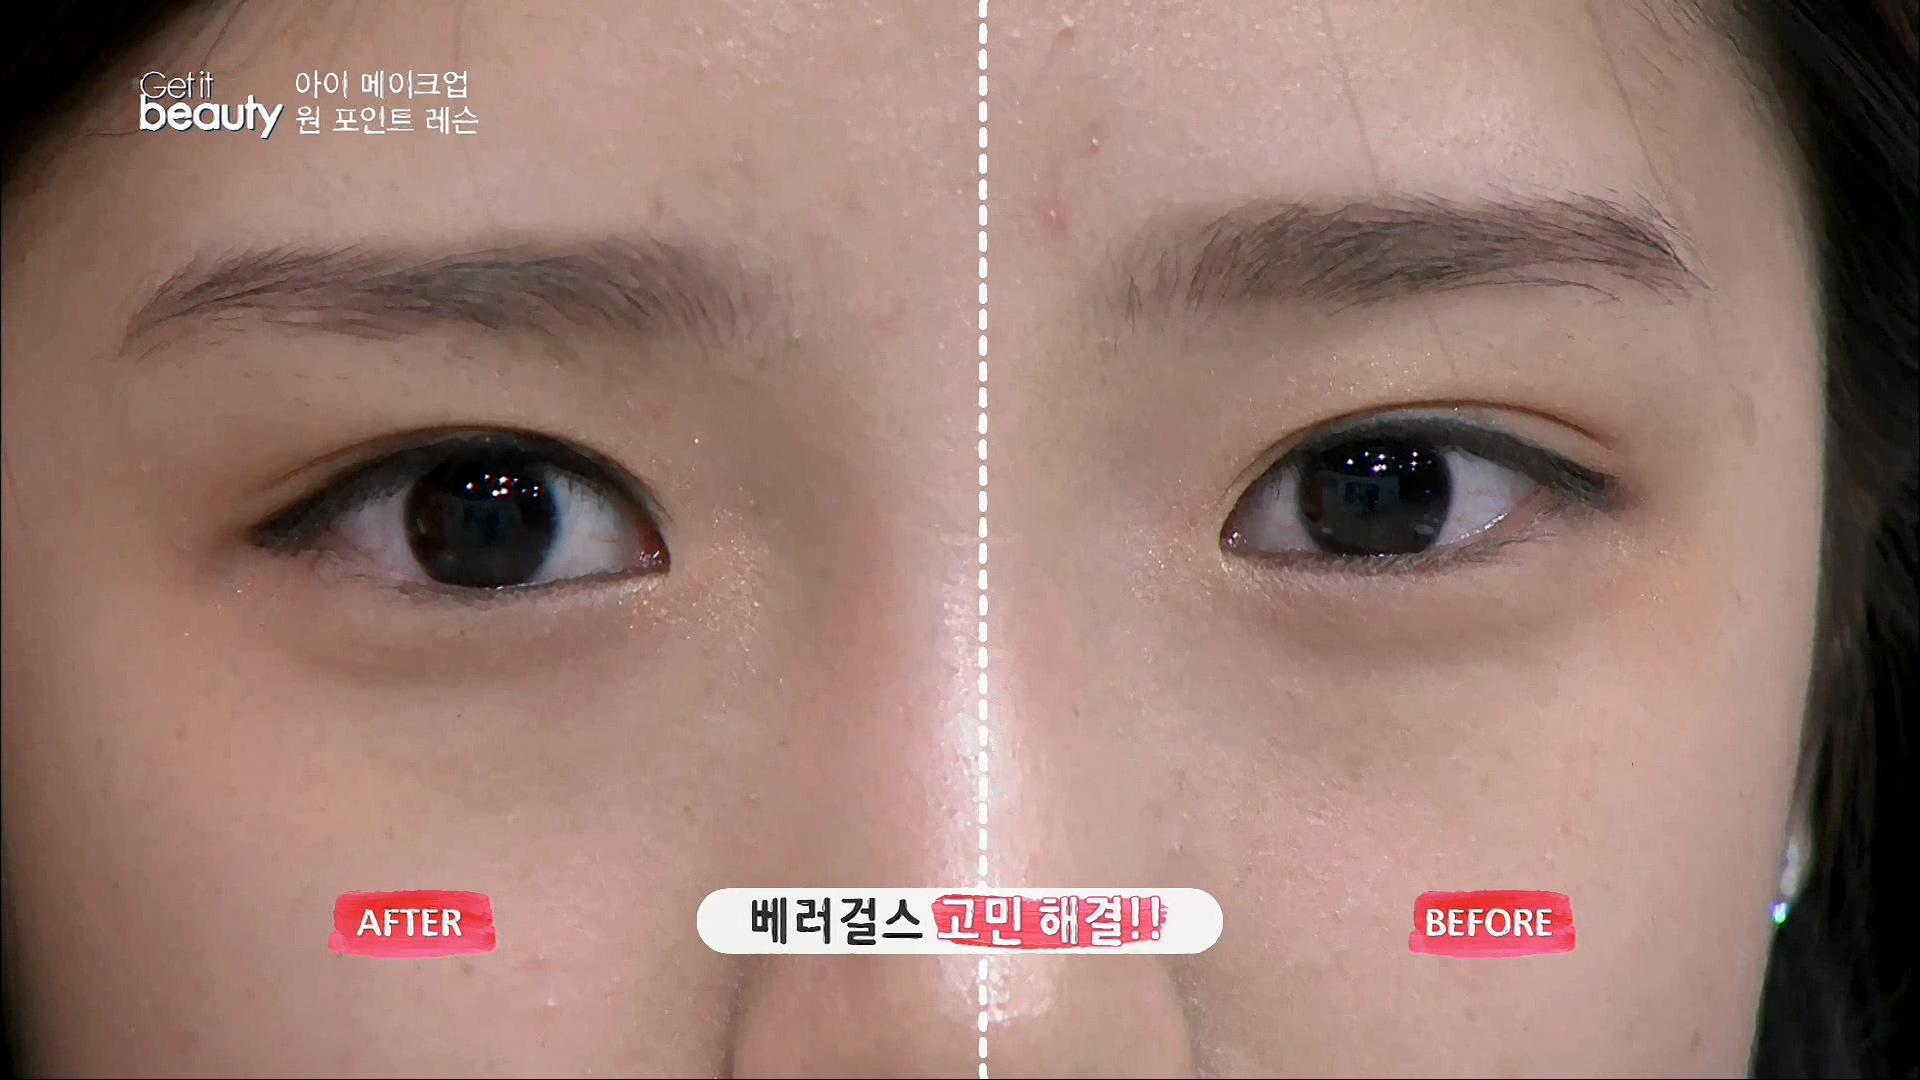 이렇게 해주시면 본인이 가지고 있는 쌍커풀을 보정하면서 훨씬 더 또렷한 눈매를 표현 할 수 있어요